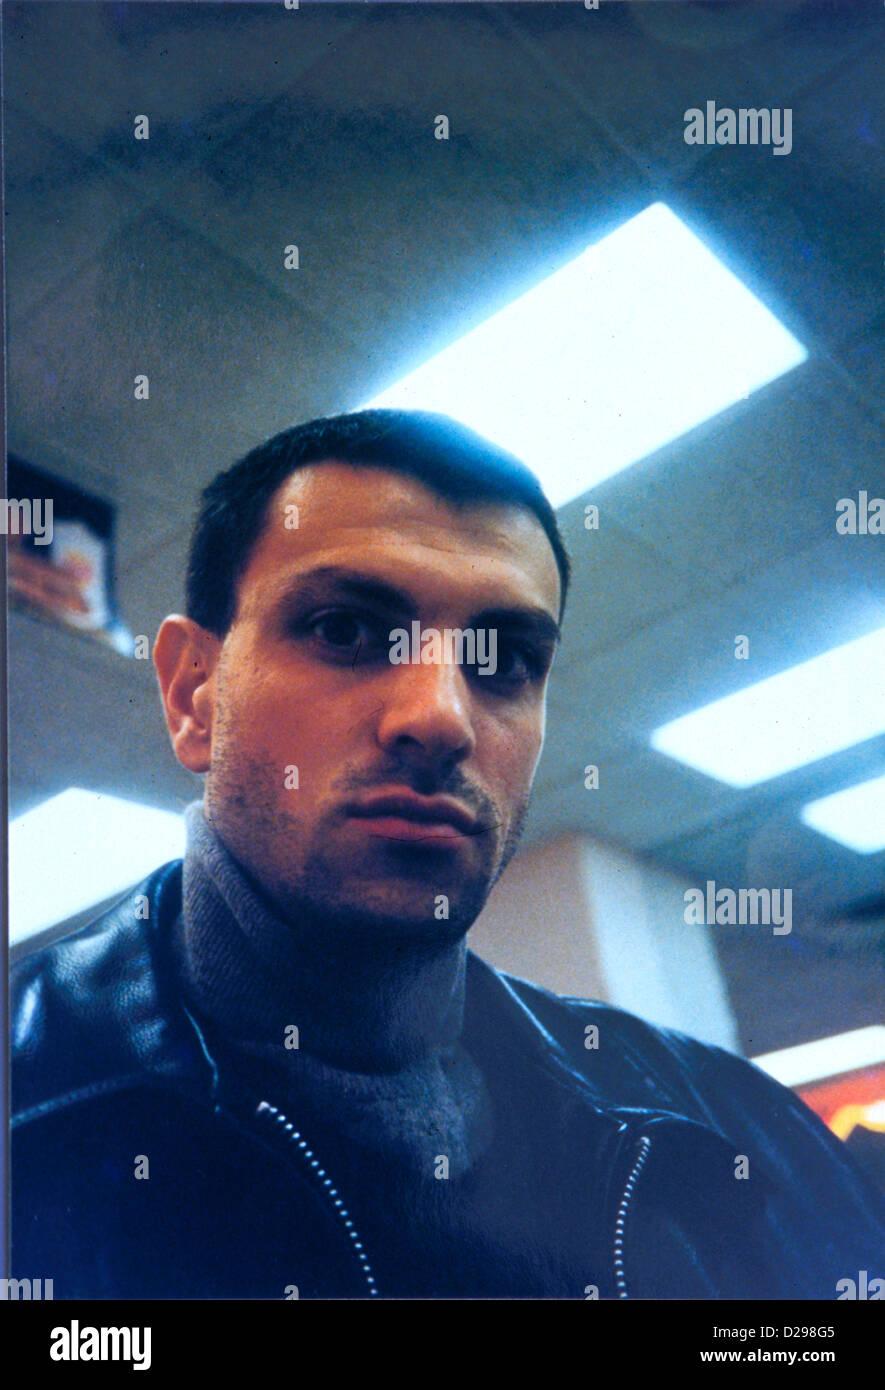 L'homme dans la trentaine aux cheveux noirs et veste en cuir noire, sérieux. Photo Stock